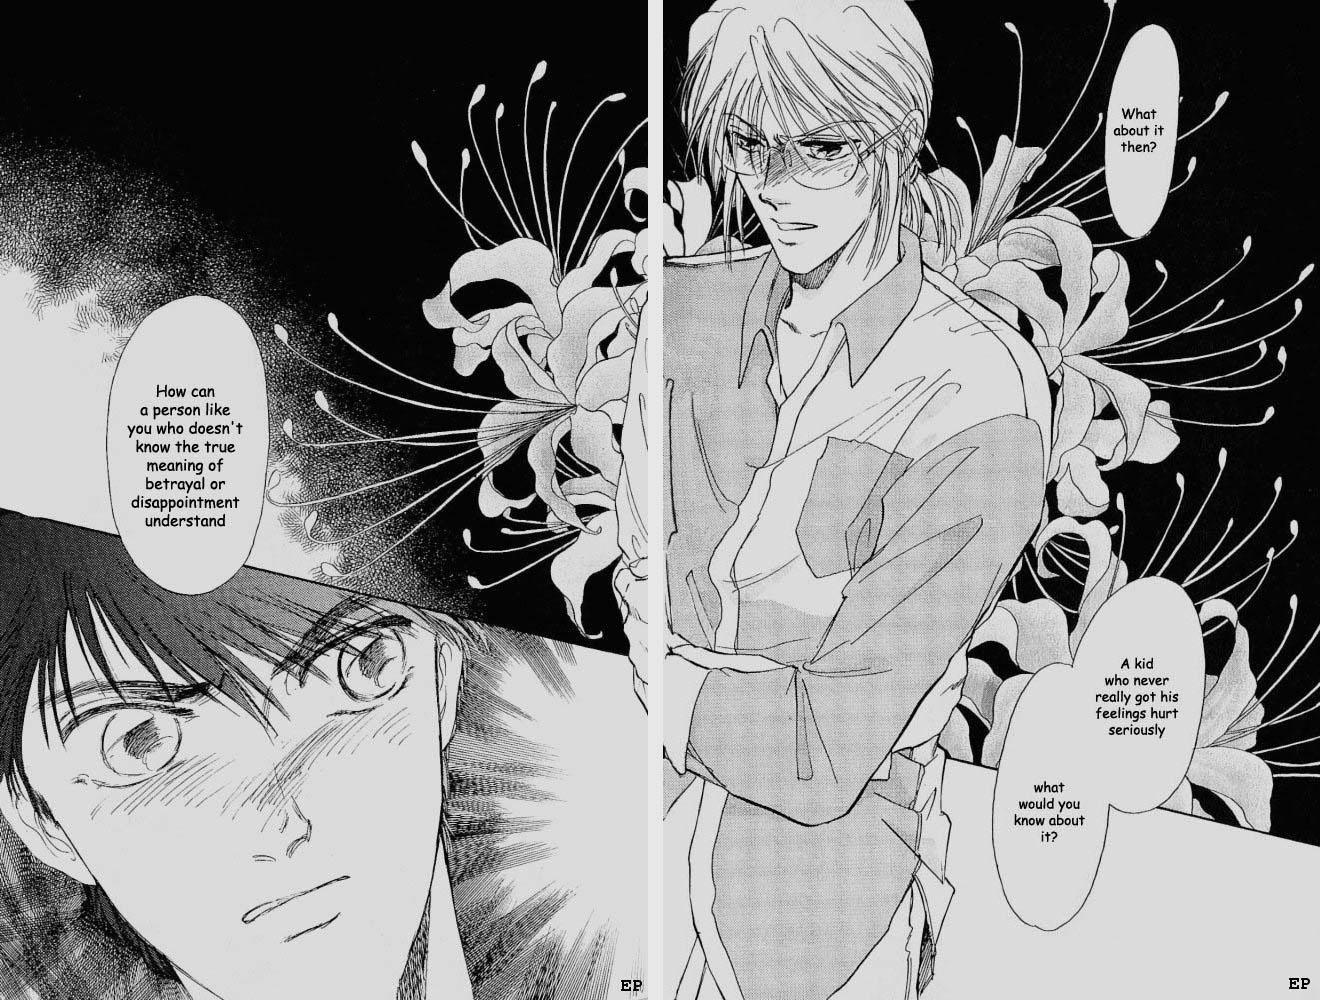 [himi] Yume no Kodomo v01 003